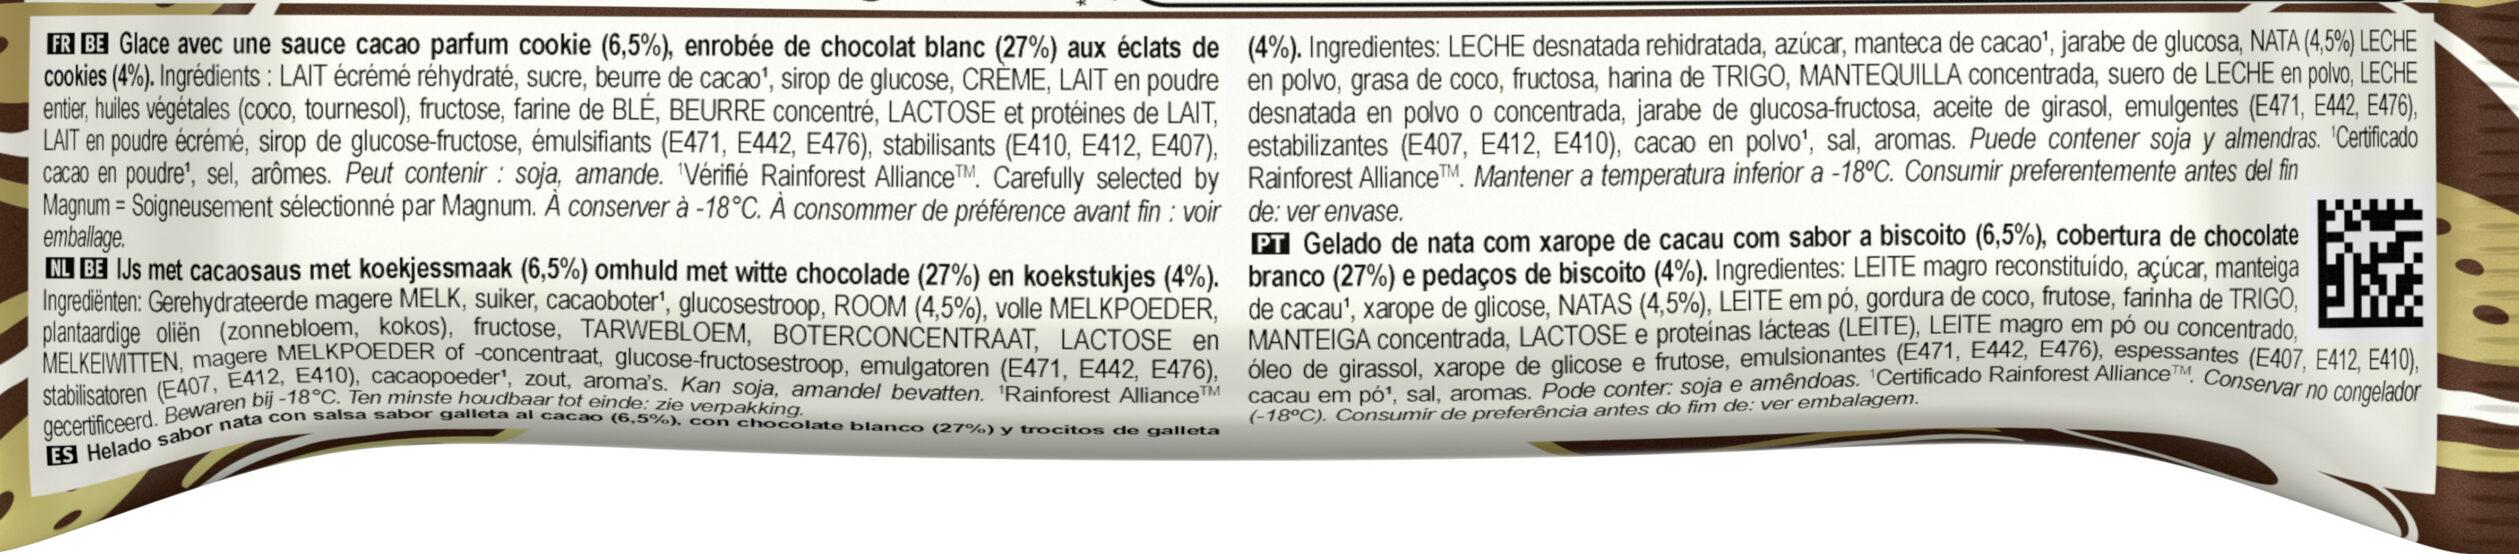 Magnum Bâtonnet Glace Chocolat Blanc & Cookies - Ingrediënten - fr